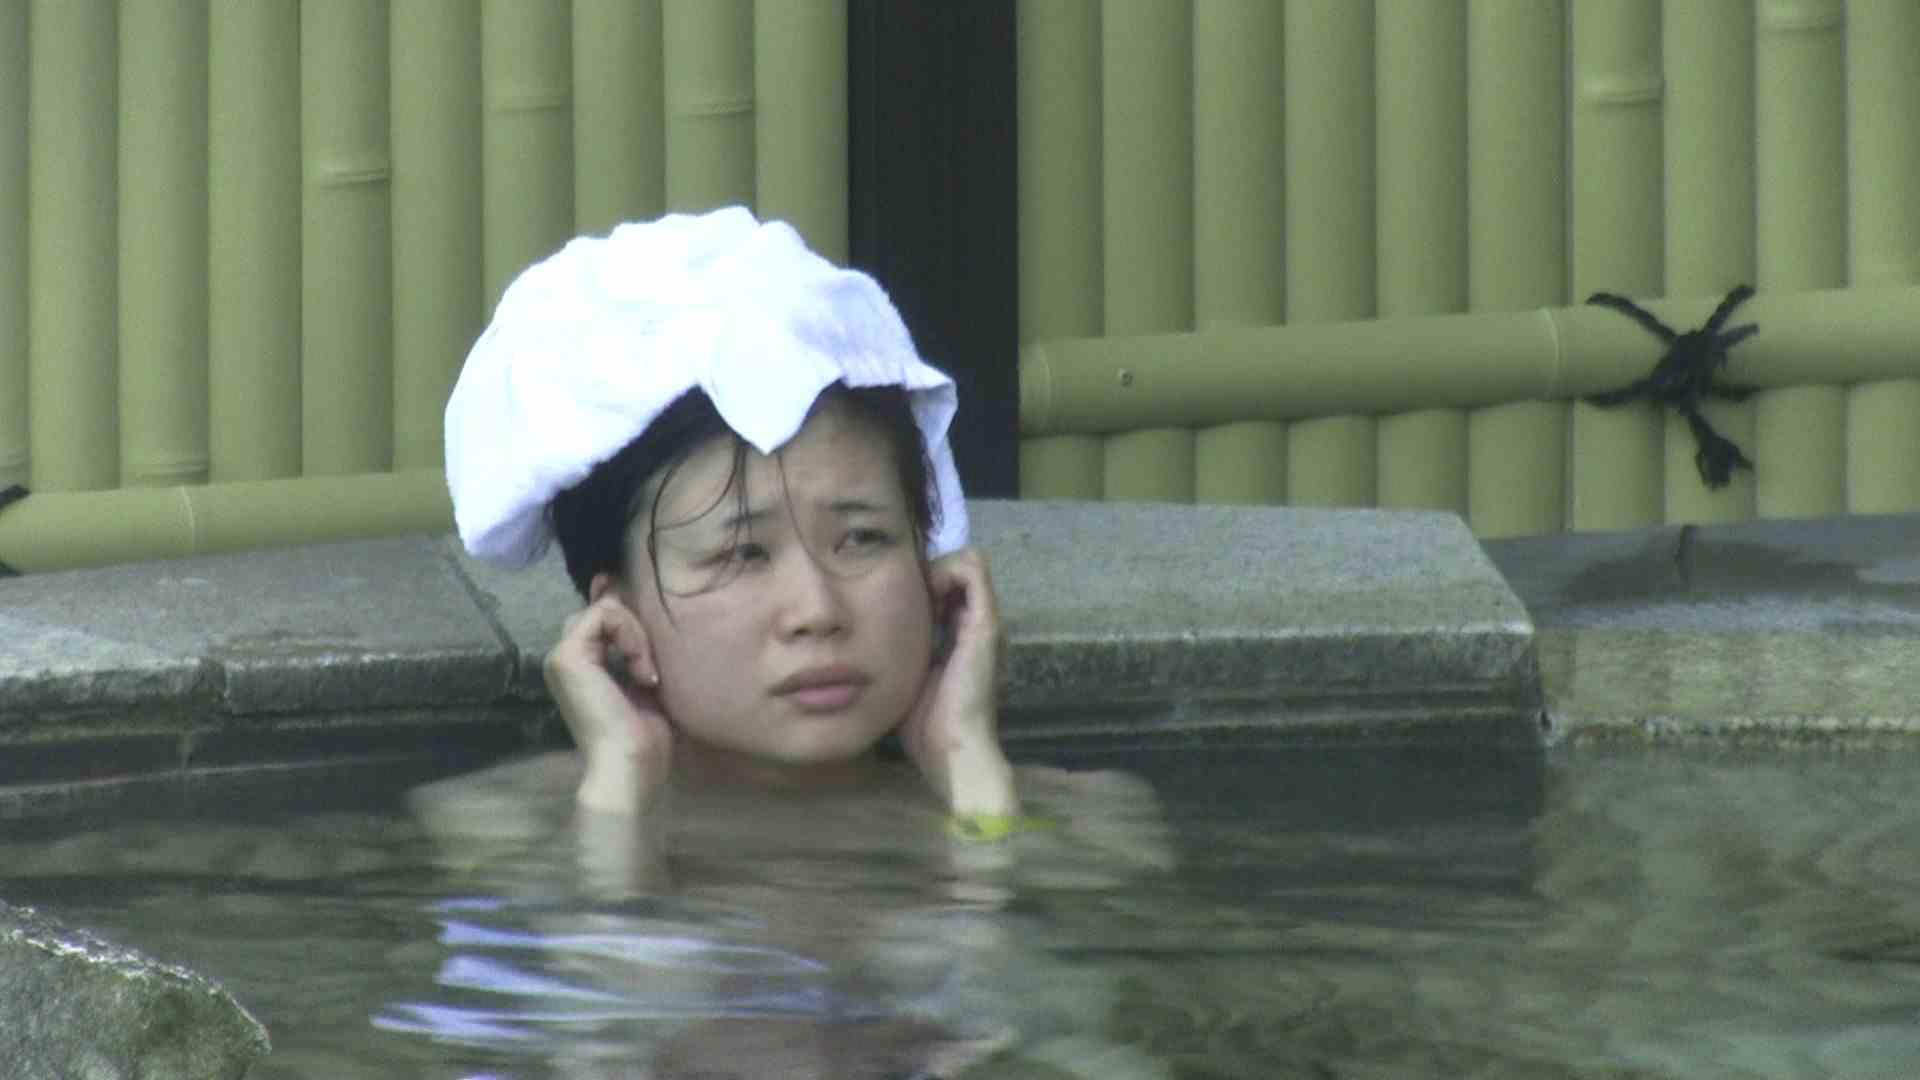 Aquaな露天風呂Vol.183 0   0  106pic 71